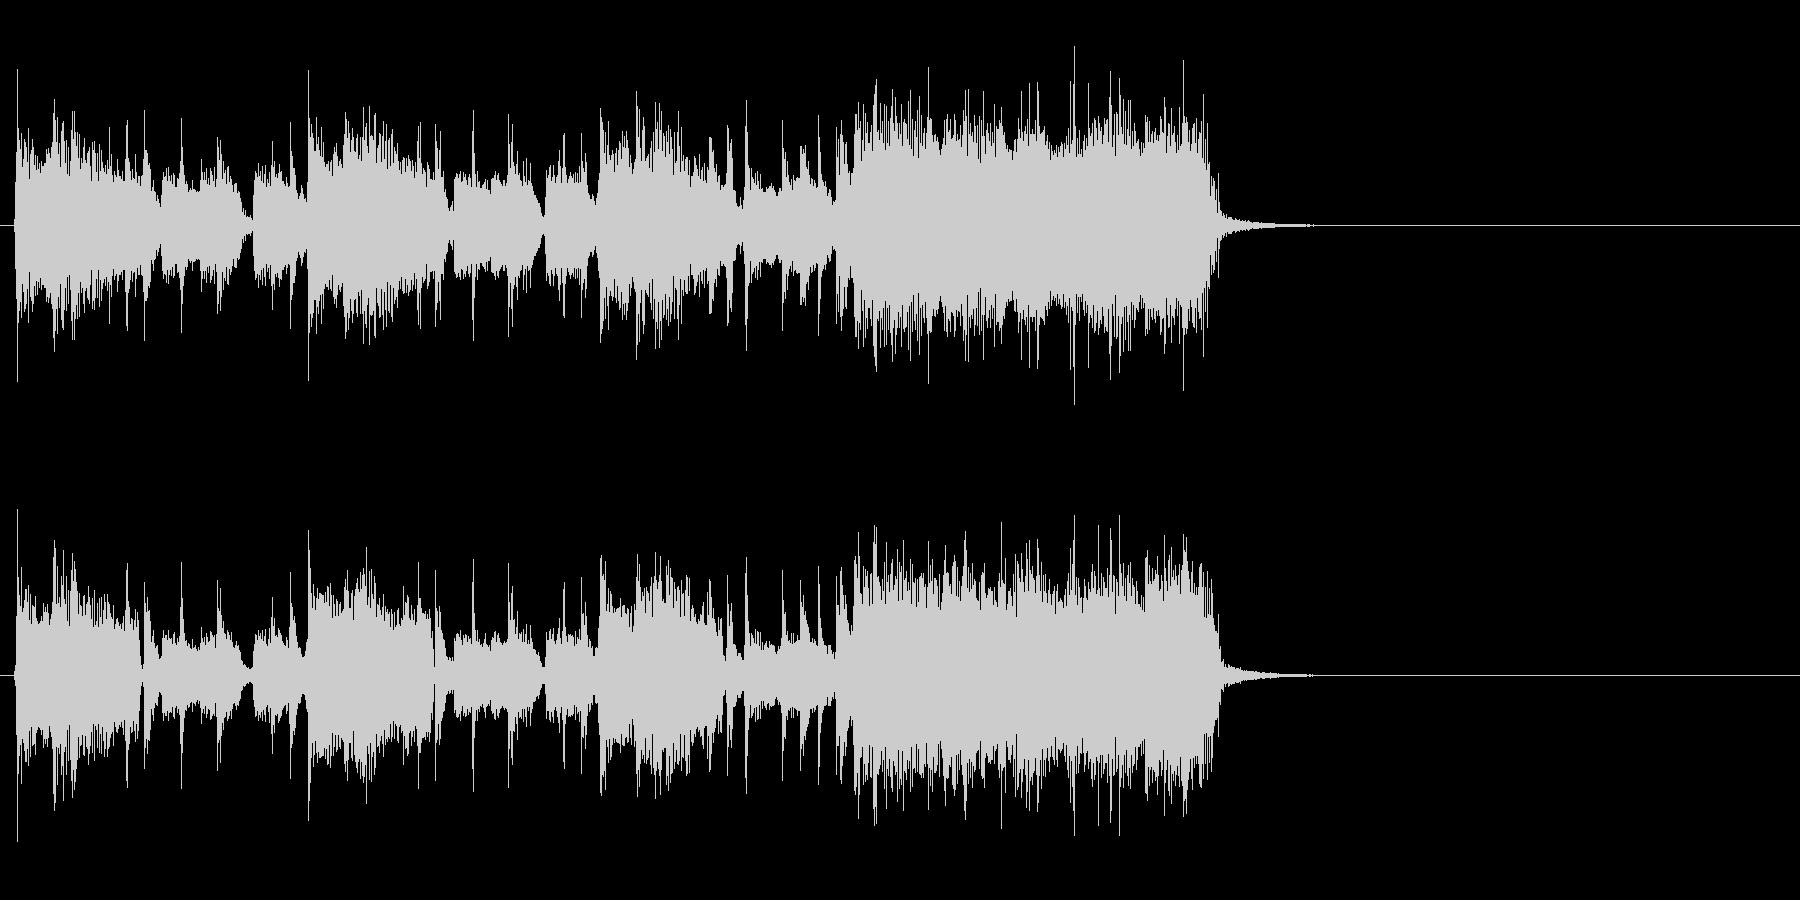 駆け抜けるハード・ロック(イントロ)の未再生の波形